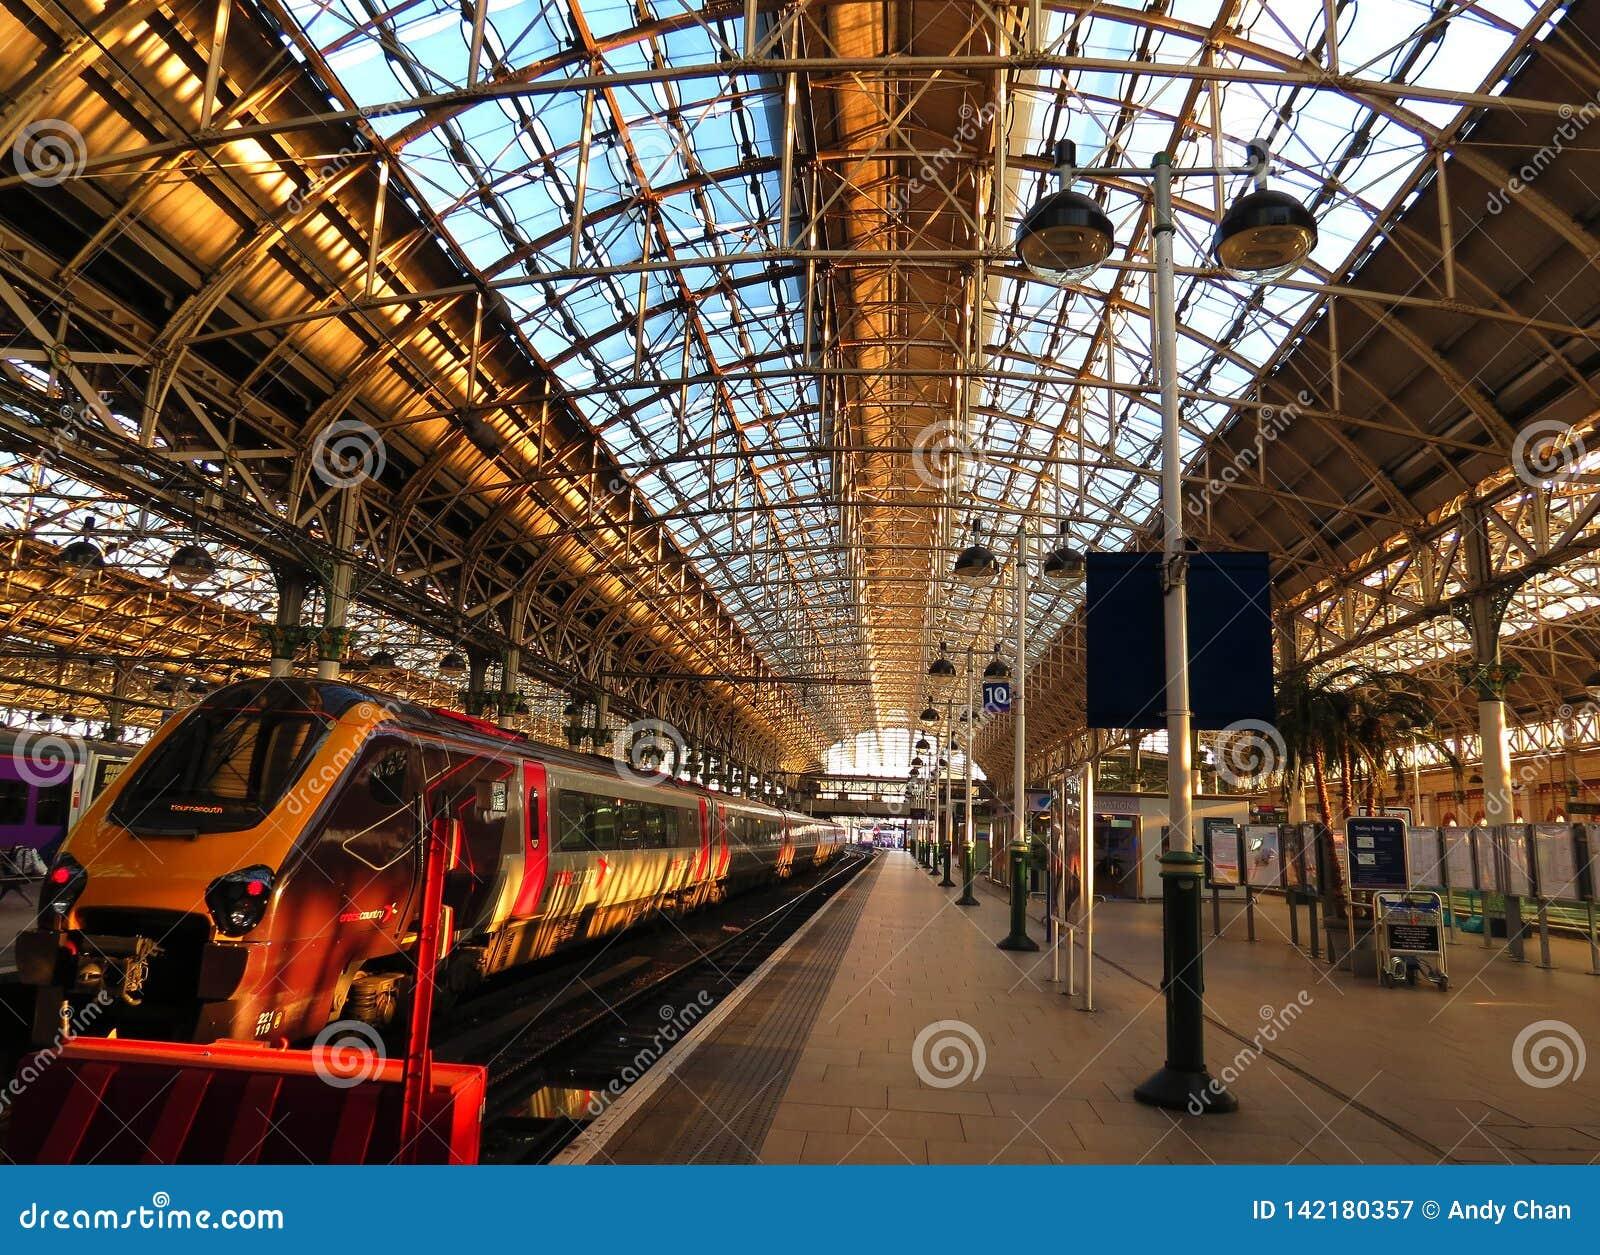 Αναμονή να επιβιβαστεί ένα γρήγορο τραίνο της Virgin μεταξύ του Λονδίνου και του Μάντσεστερ στο σταθμό του Βατερλώ